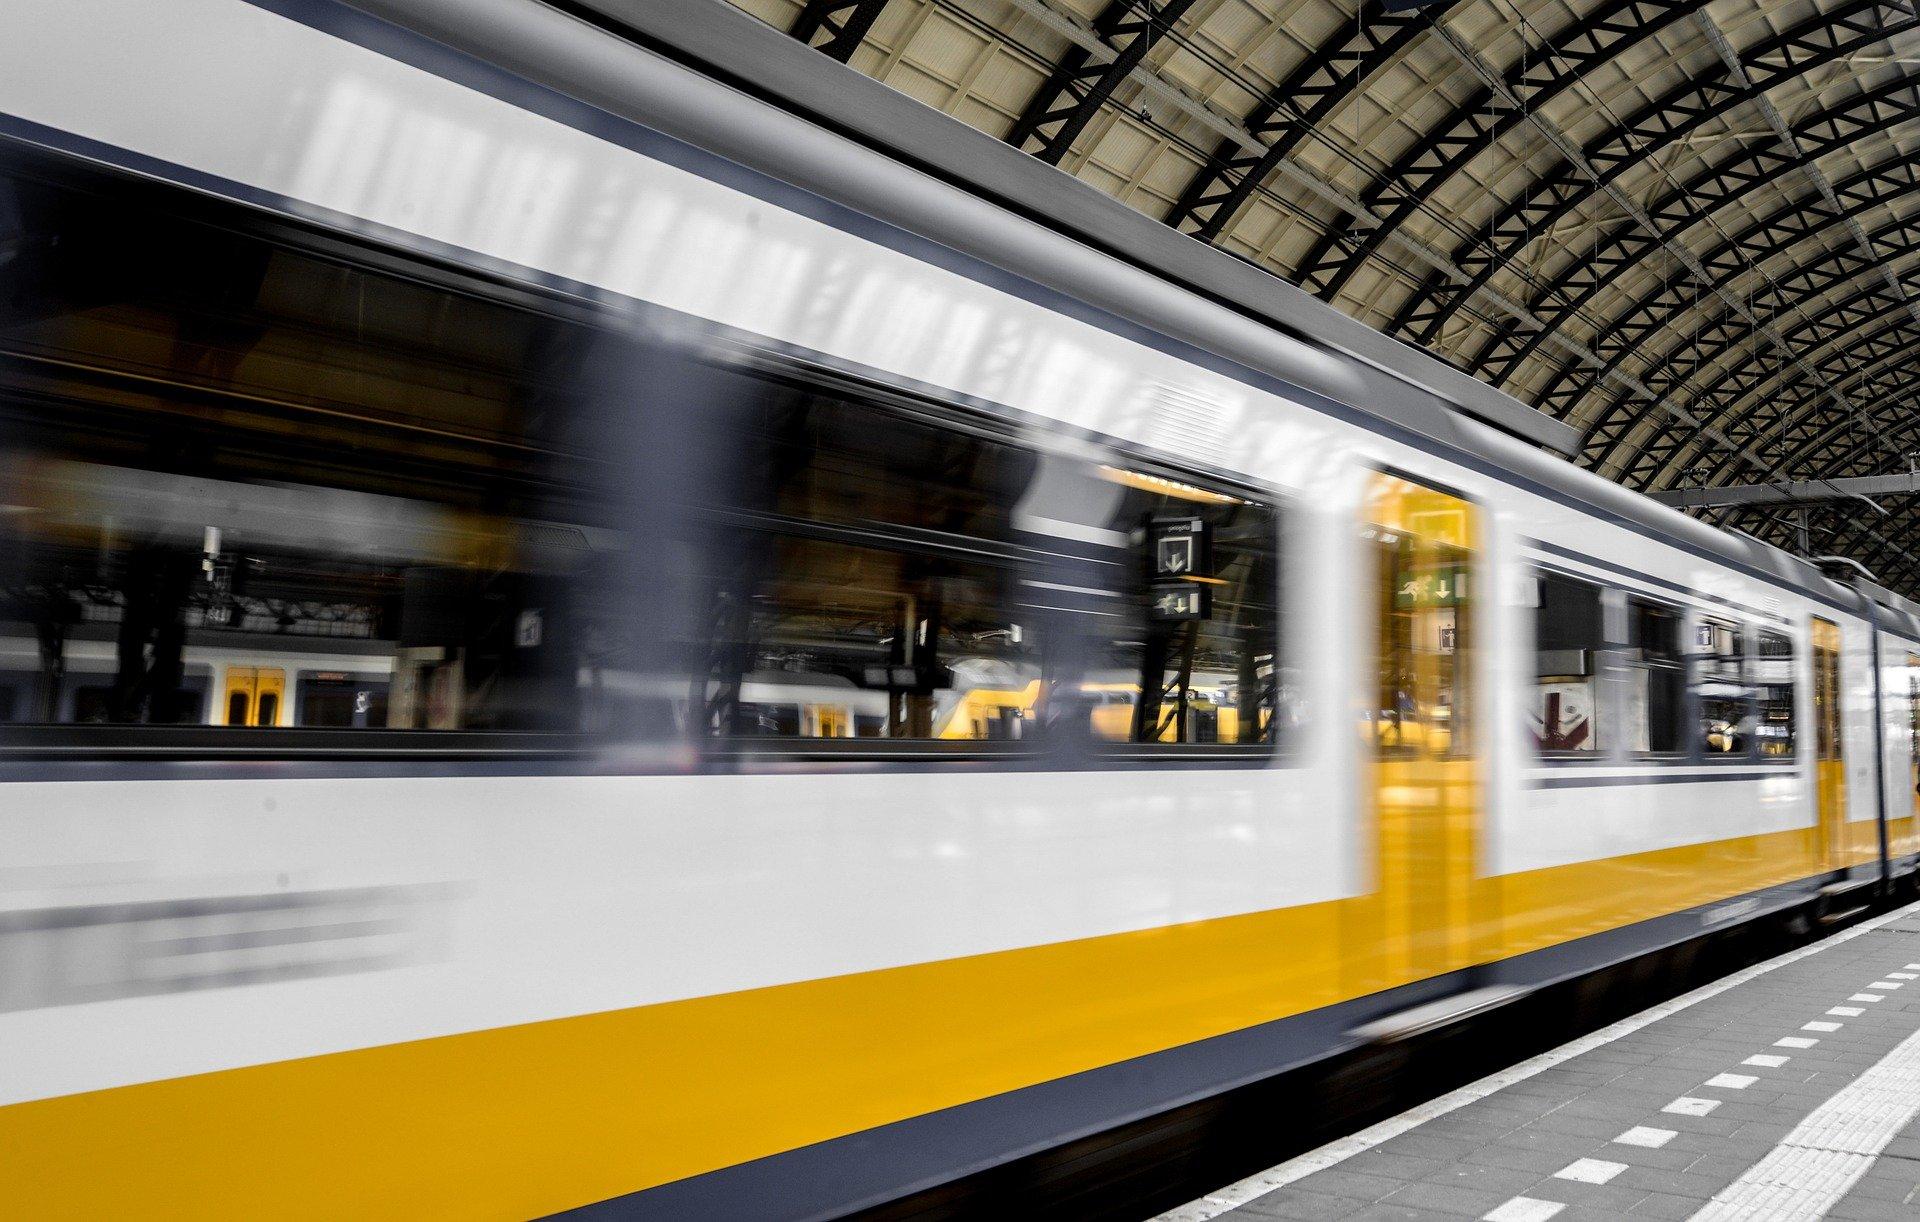 Oost west Oikos best: midnight train through Europe